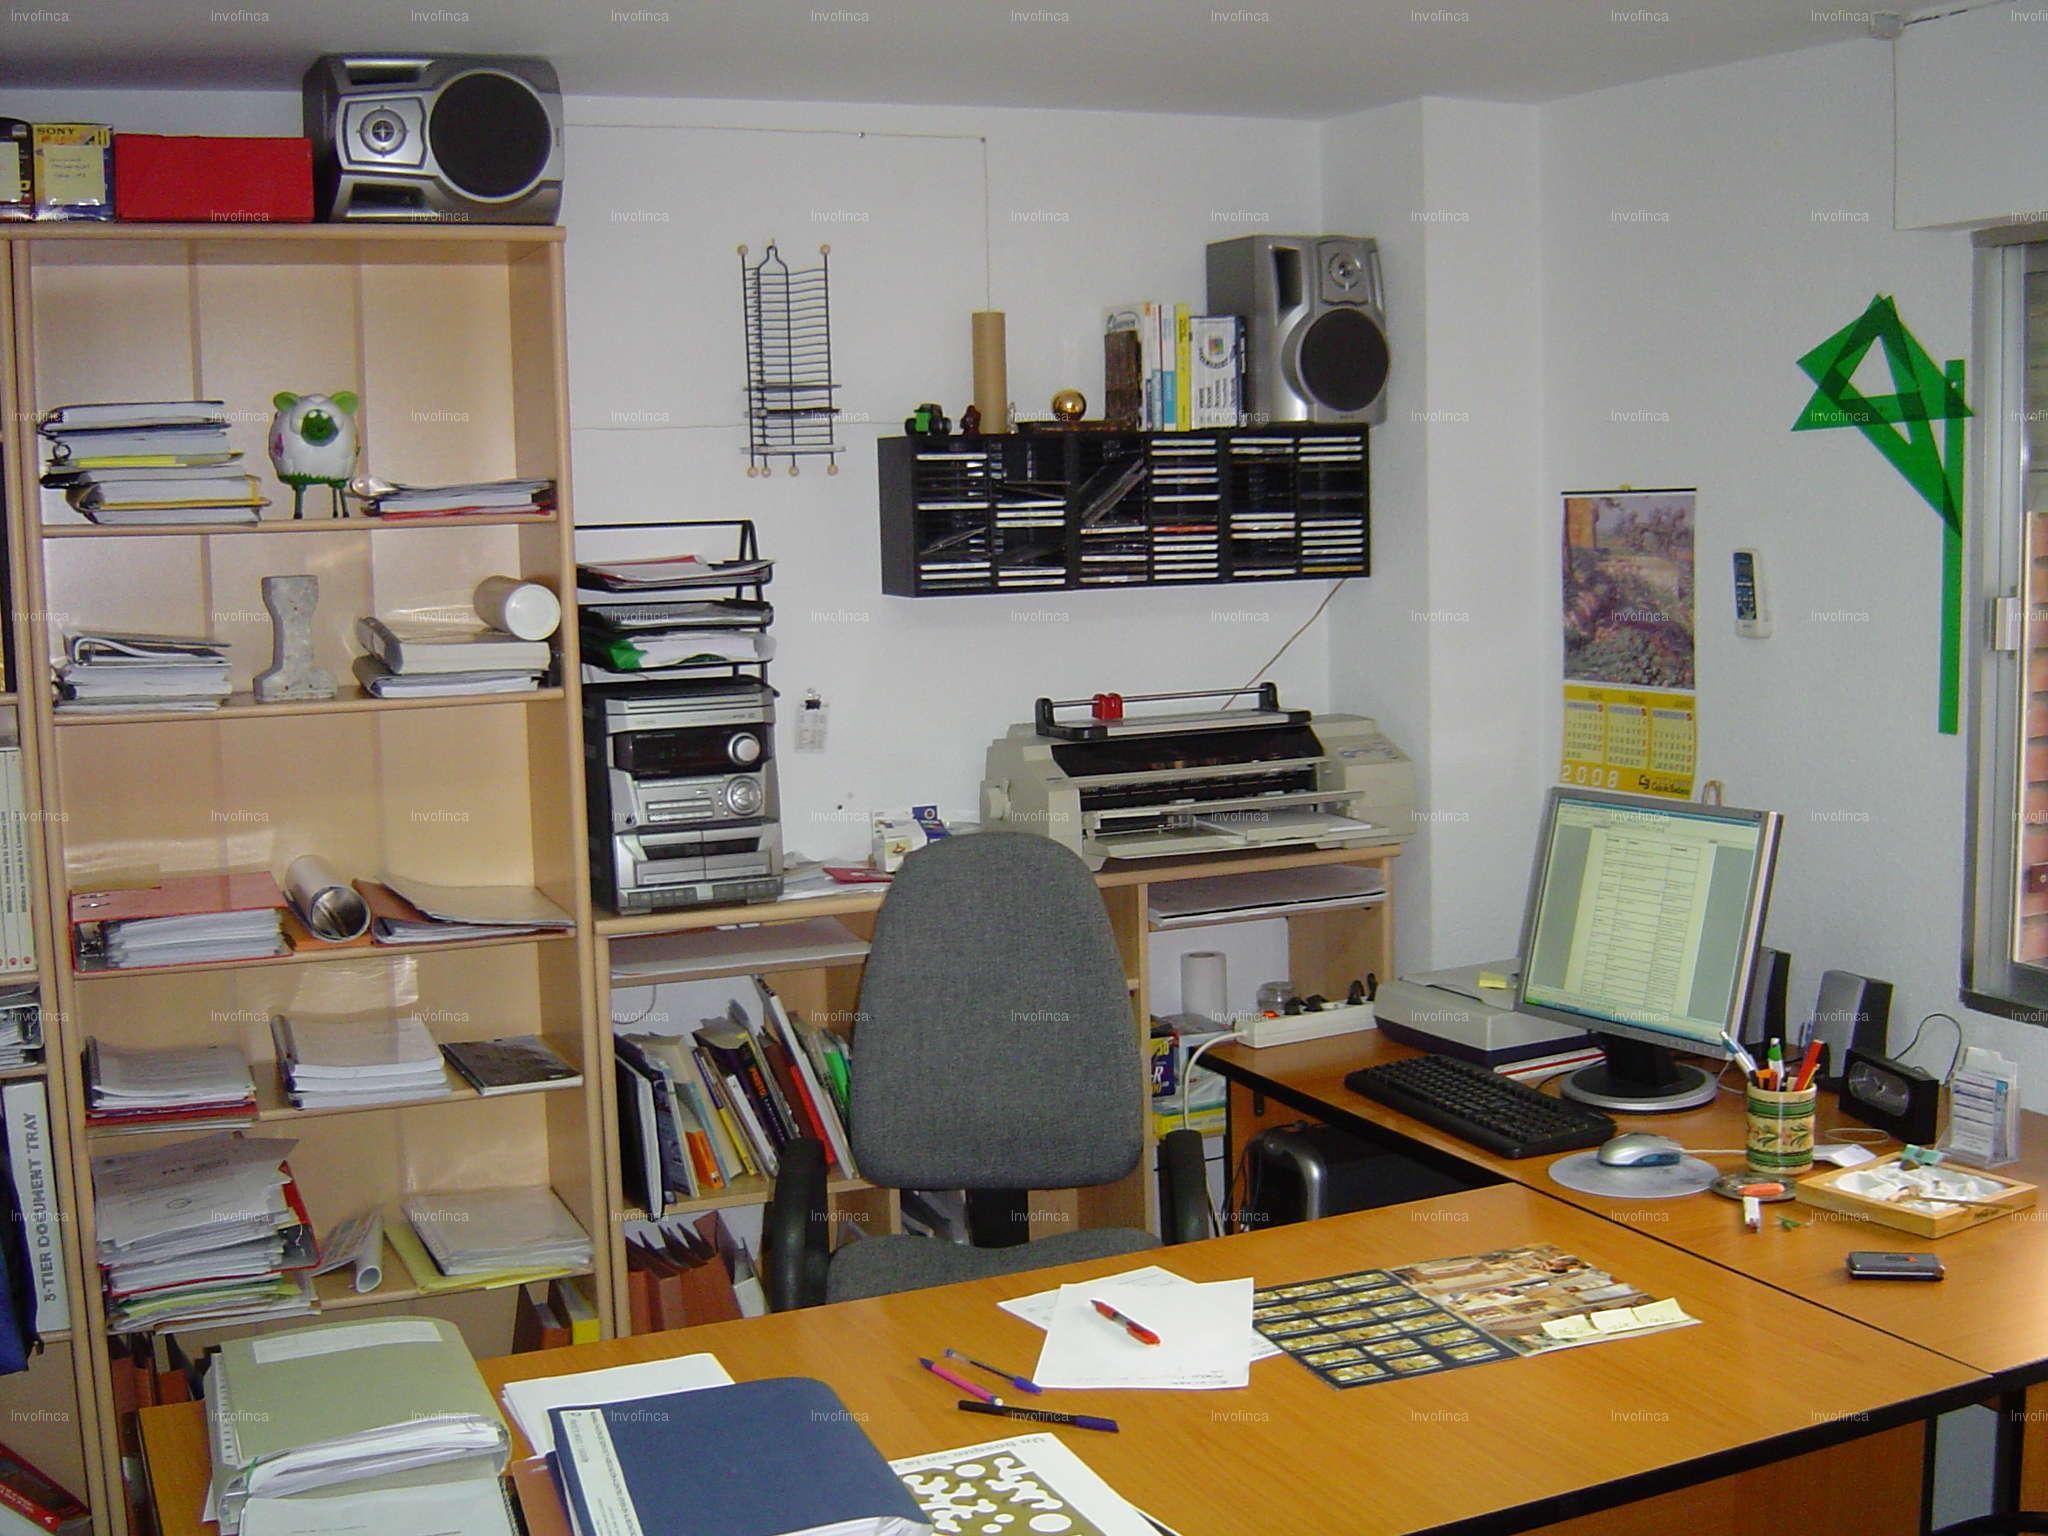 Oficina en alquiler en carolina coronado badajoz ref for Alquiler oficinas badajoz